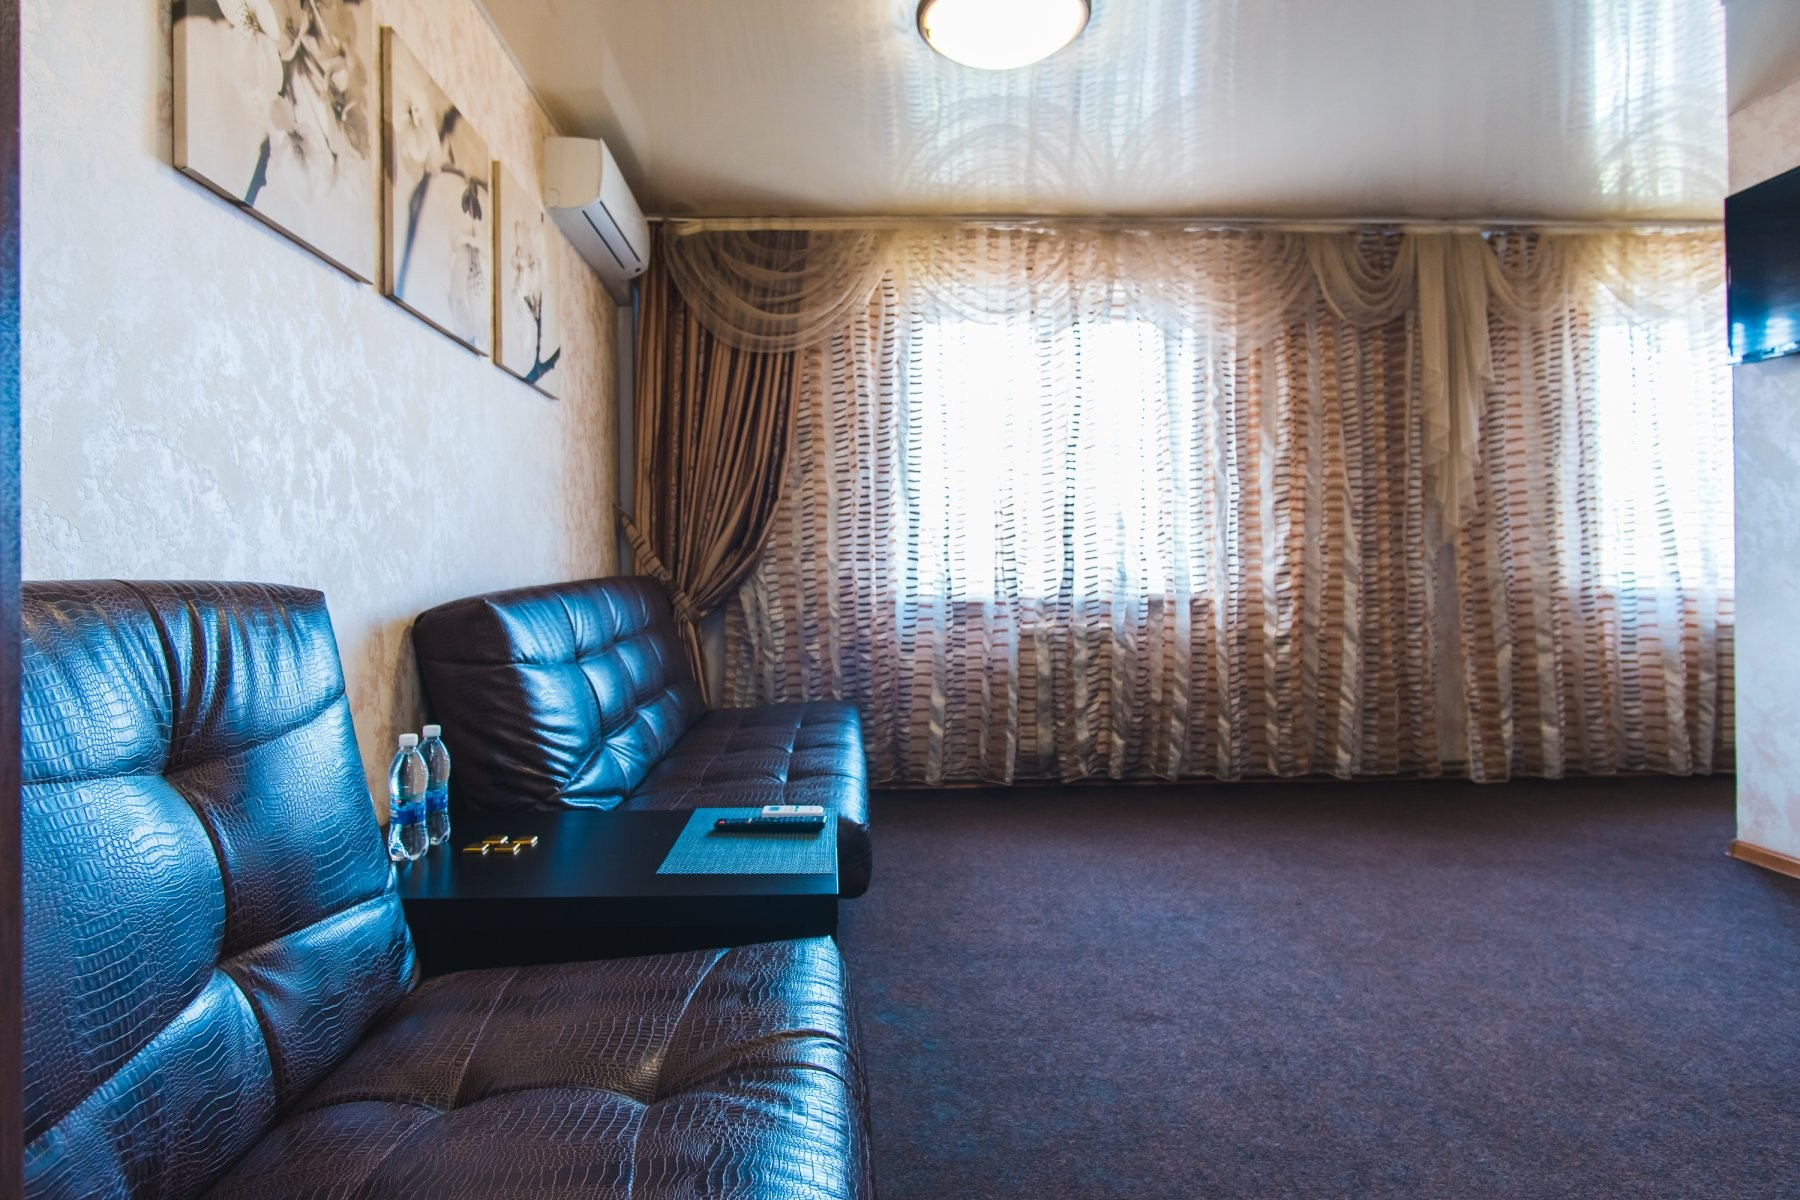 Шоколад, гостиничный комплекс - №21